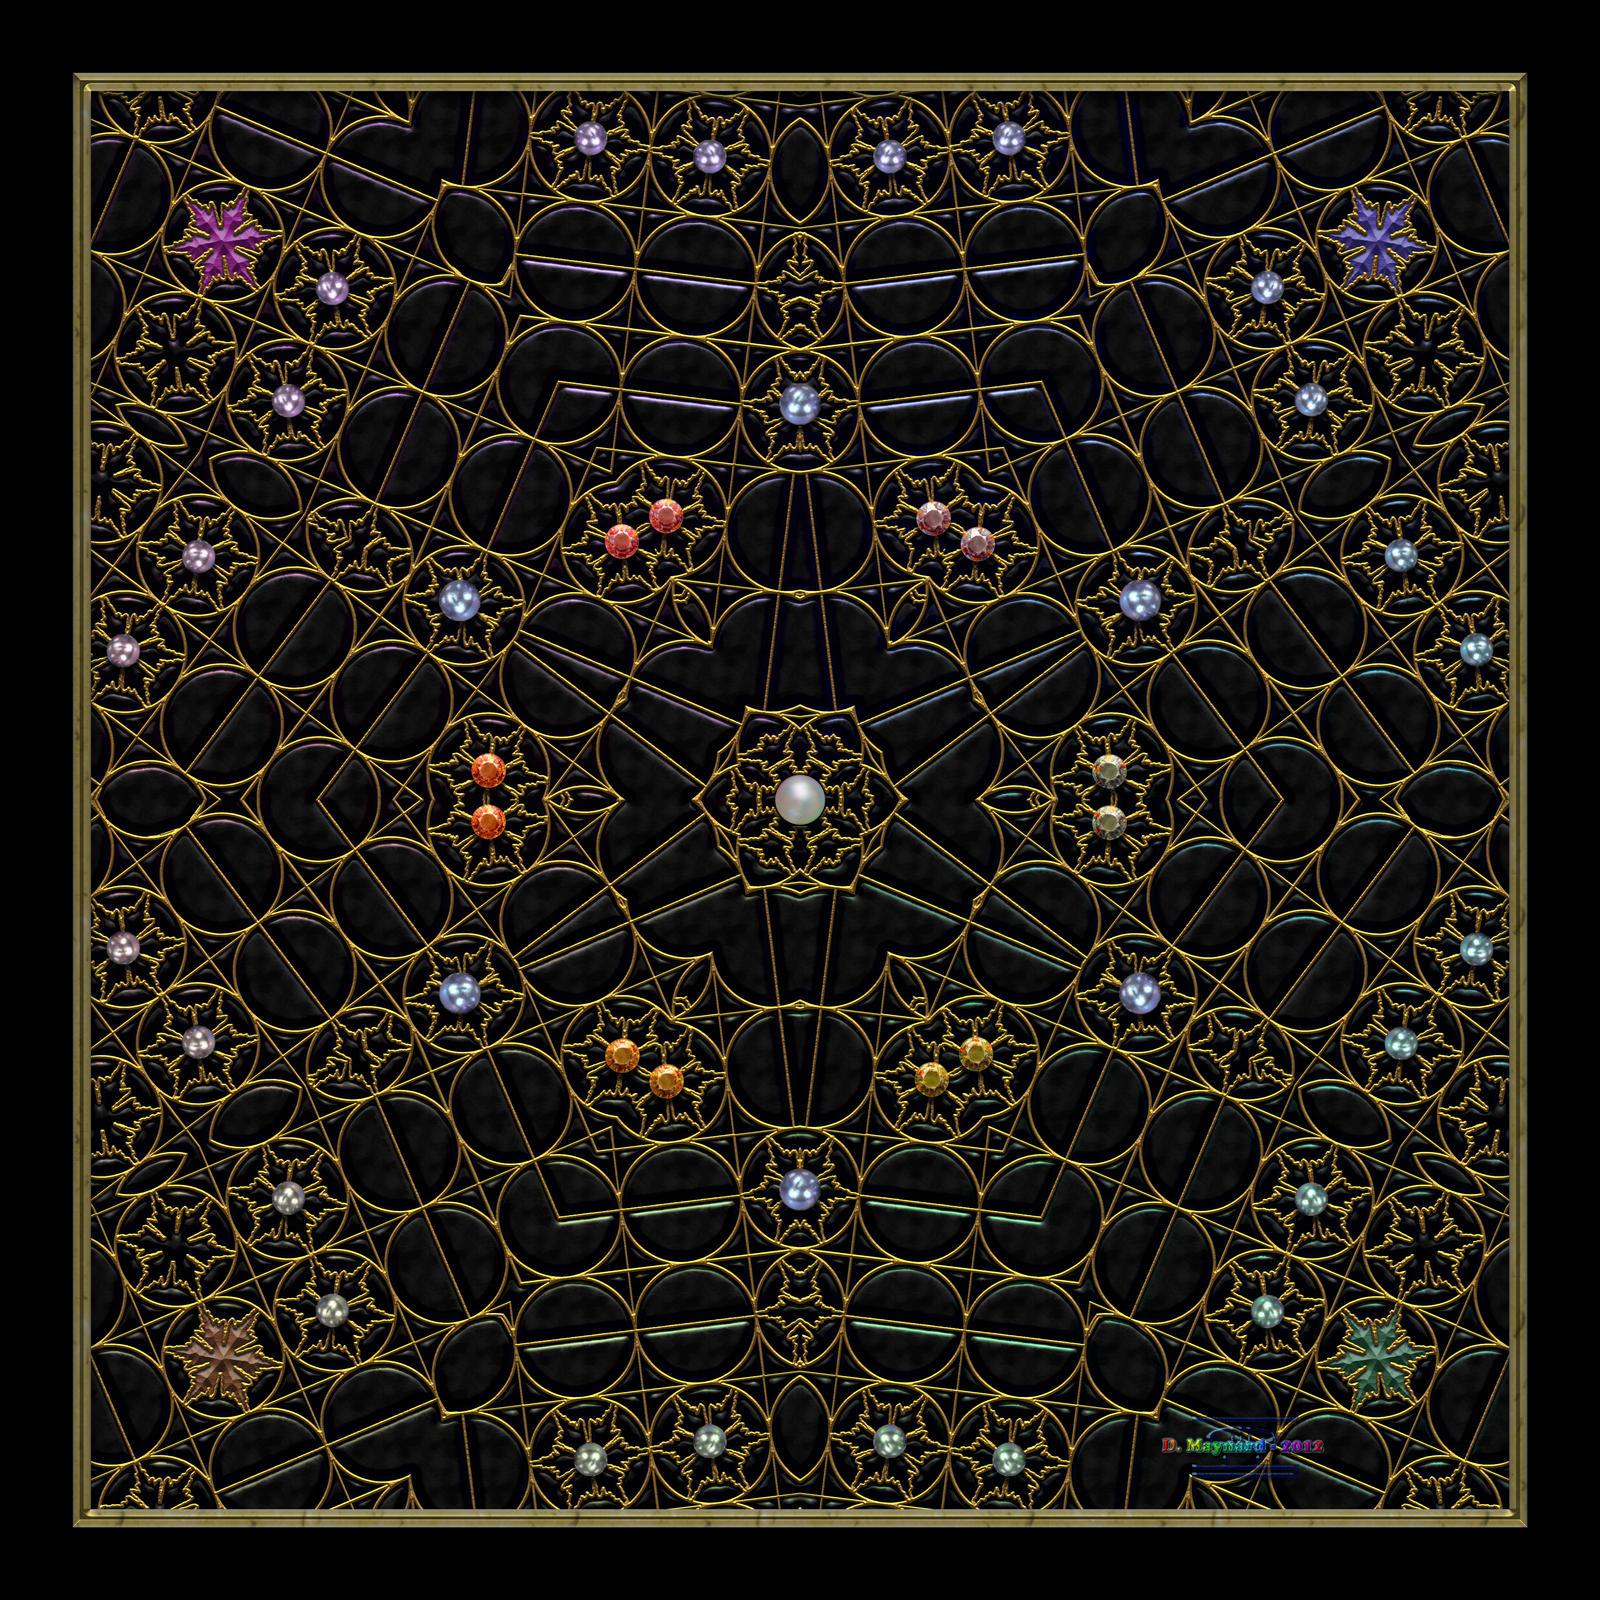 20121103-Hematite-Mandala-v10 by quasihedron